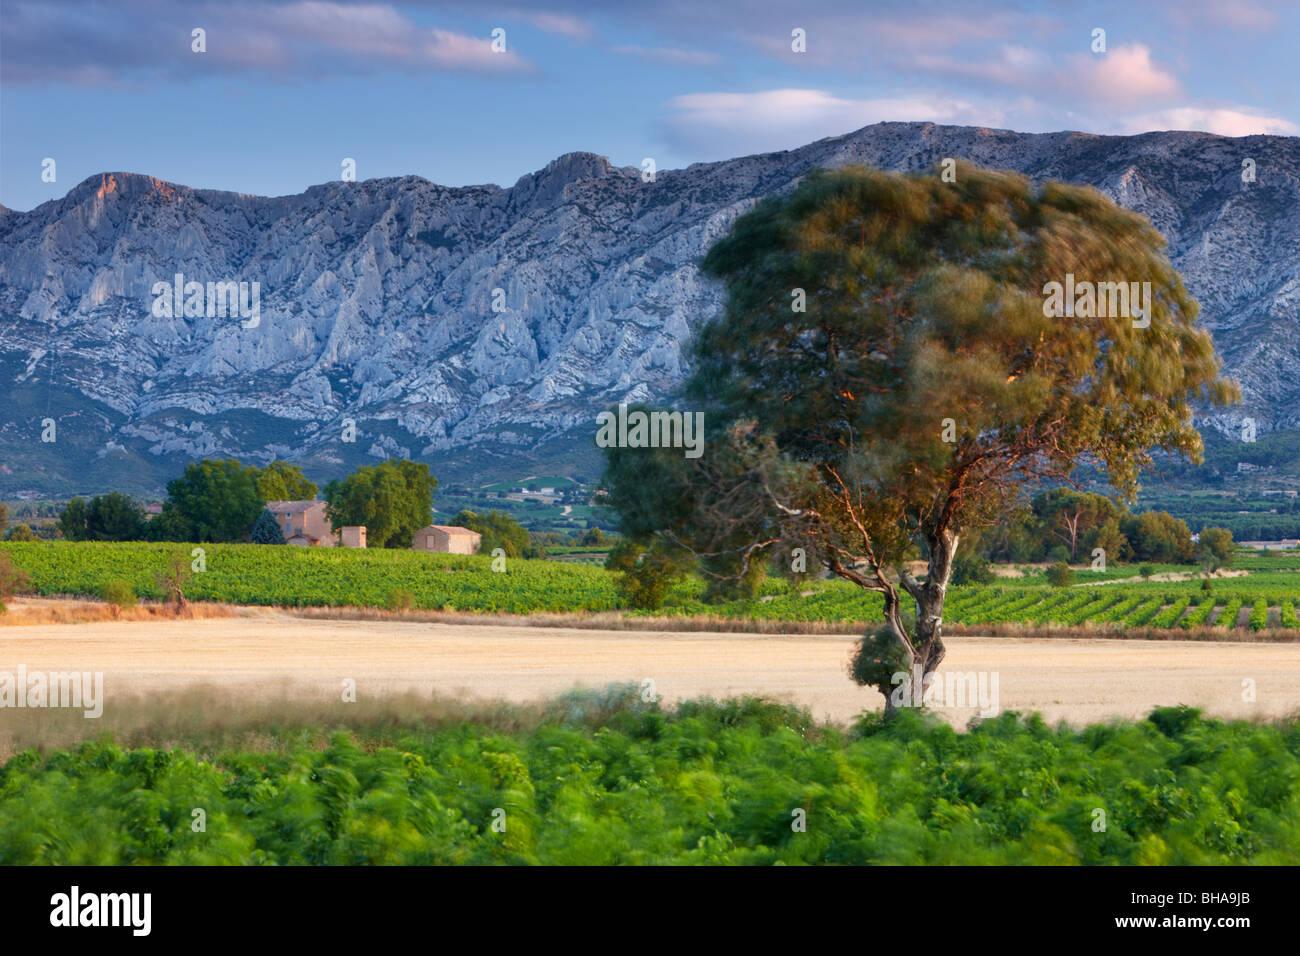 Un arbre qui souffle dans la brise à l'aube avec Montagne Sainte-Victoire au-delà, nr Puyloubier, Photo Stock